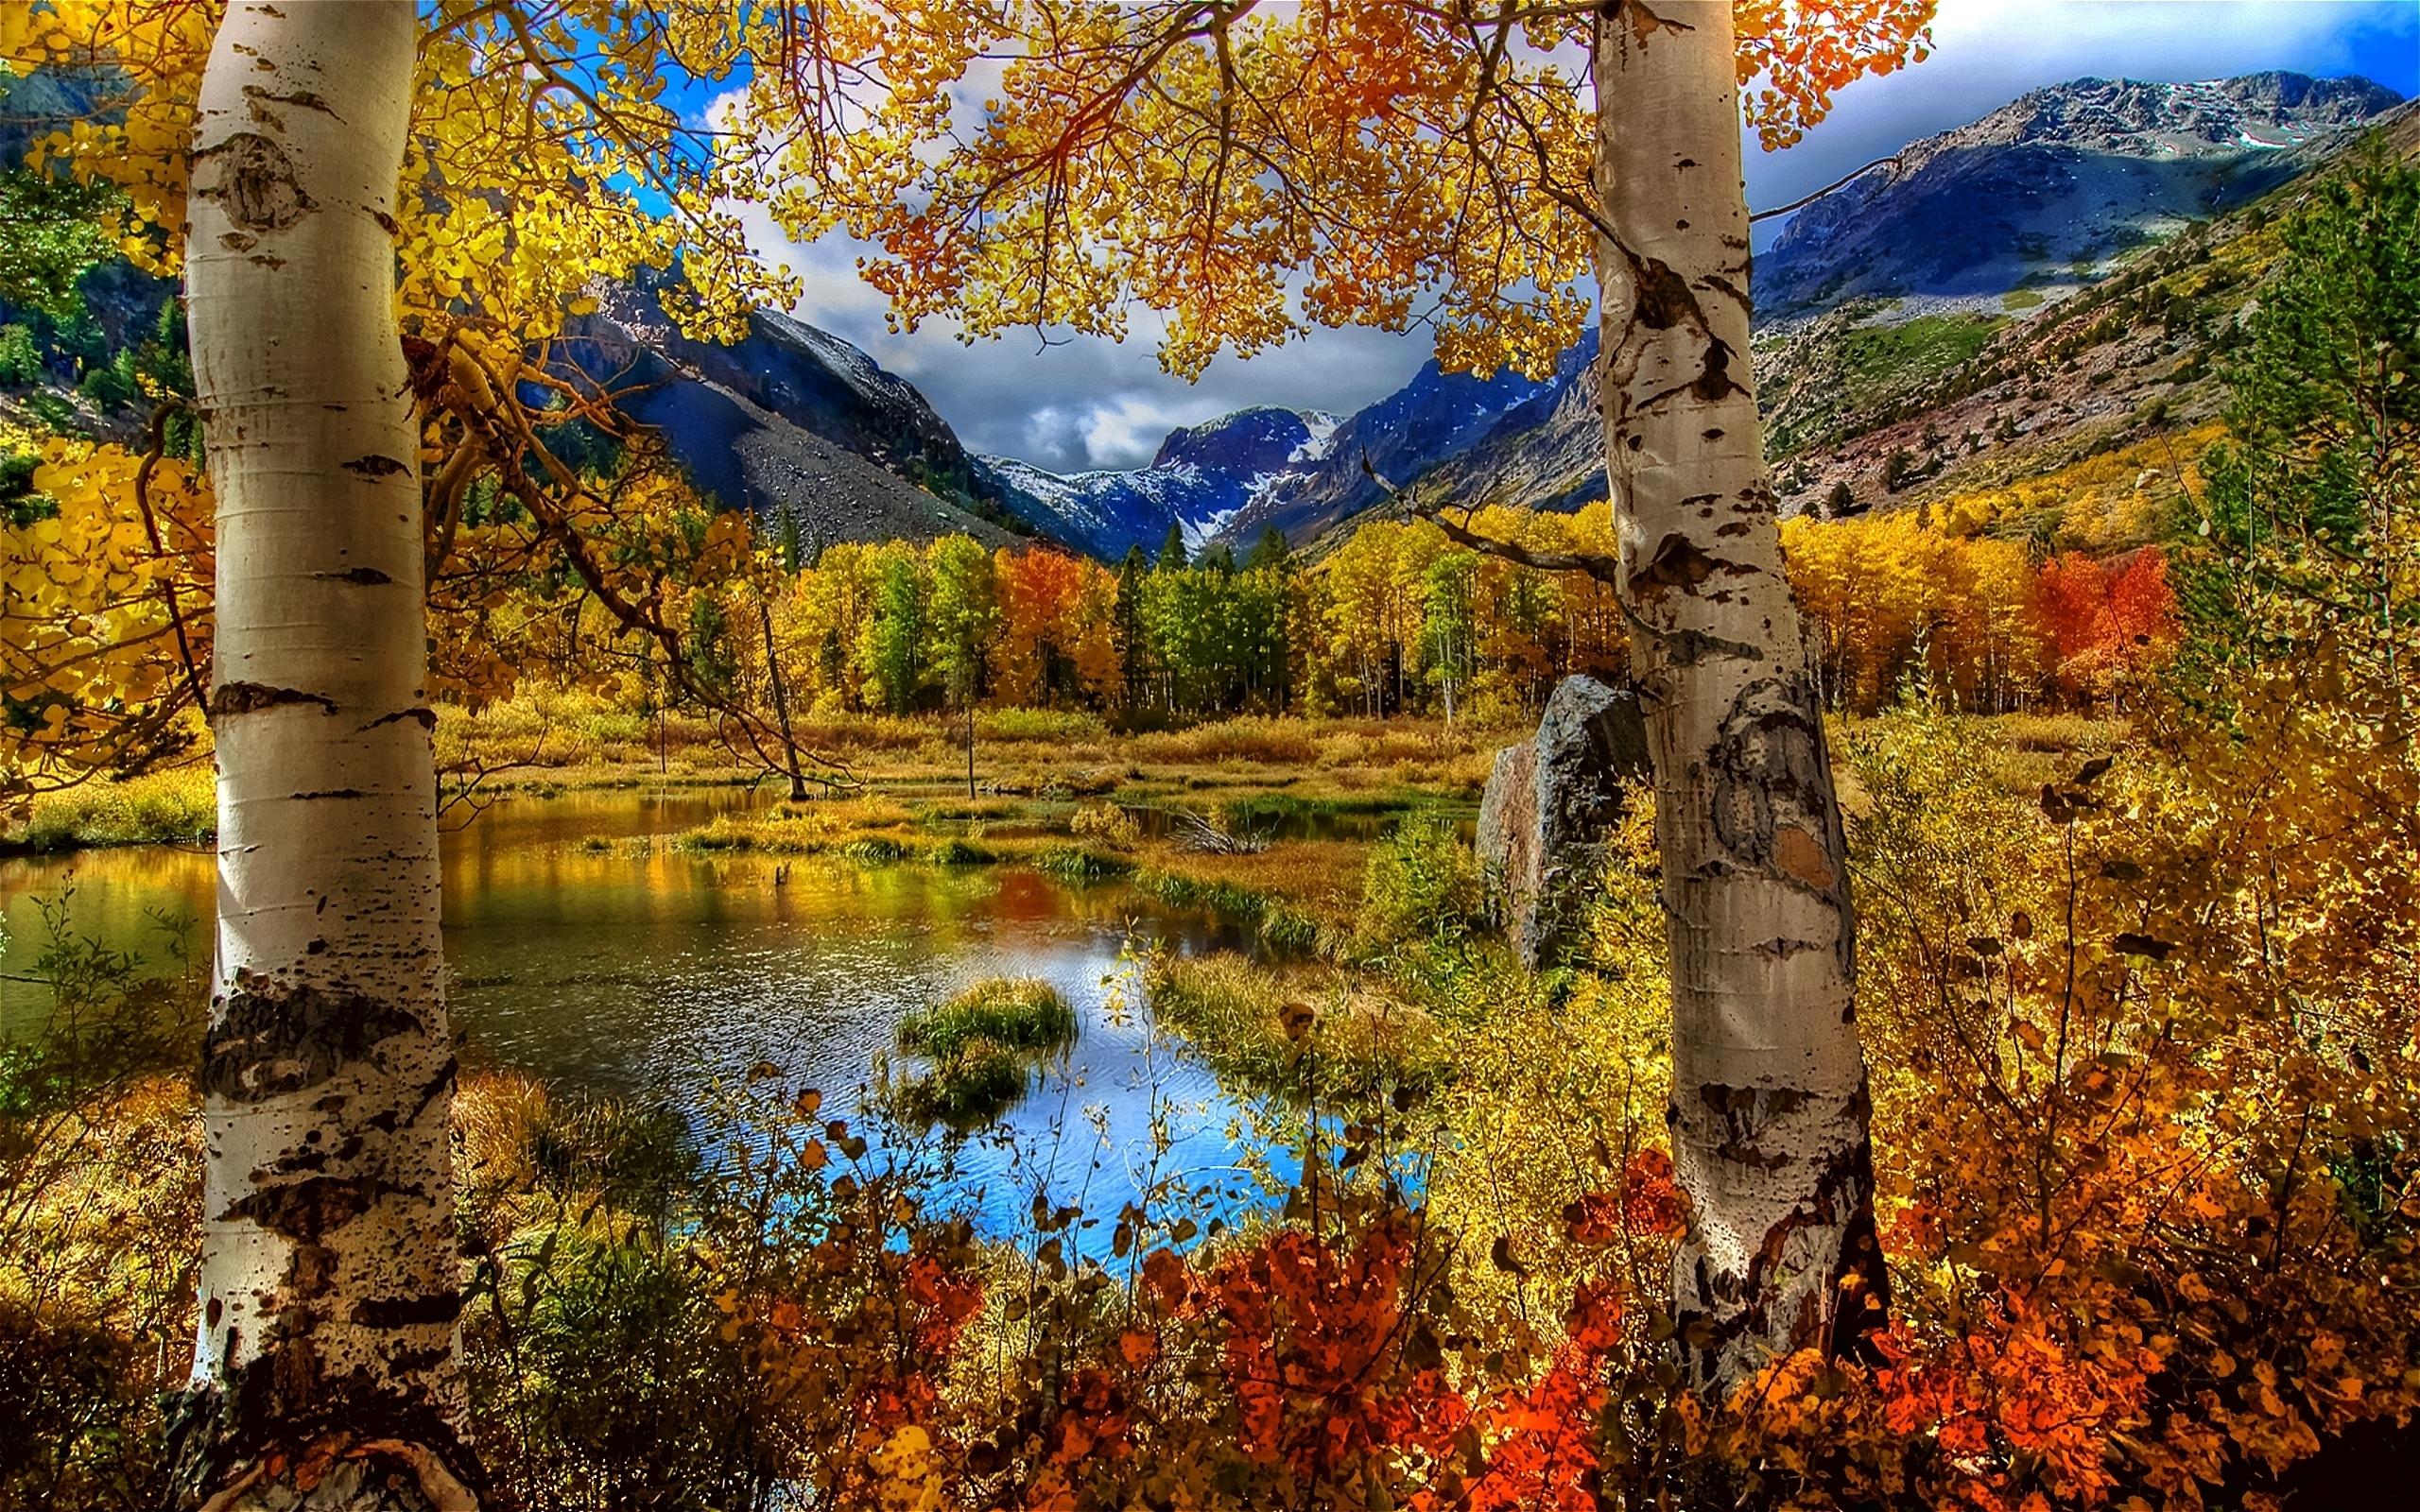 24418 скачать обои Пейзаж, Река, Деревья, Горы, Осень, Березы - заставки и картинки бесплатно